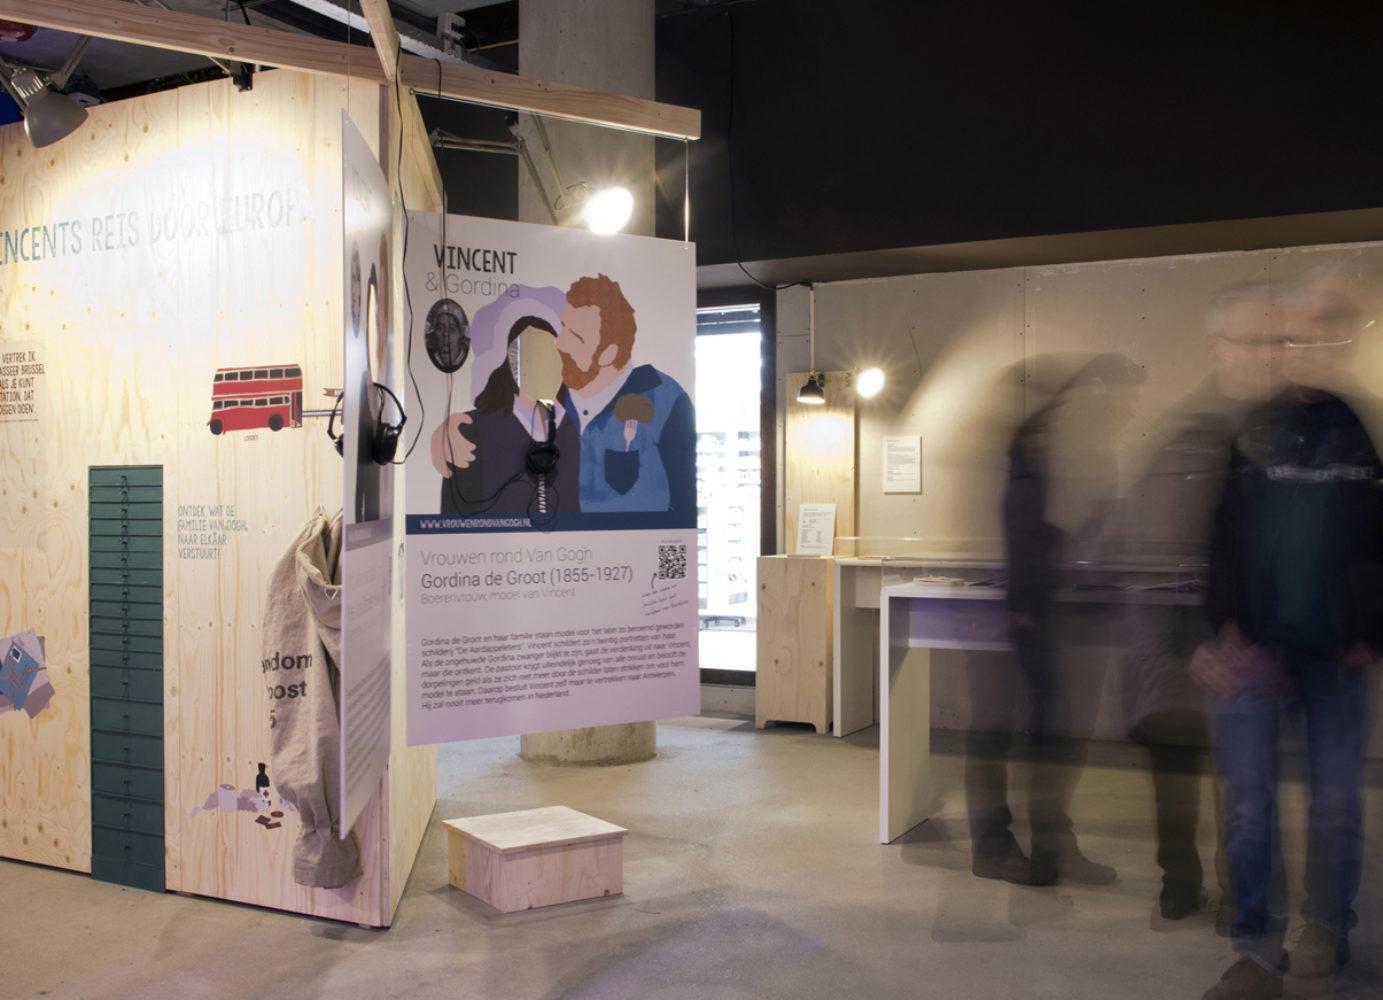 van gogh pop-up expositie